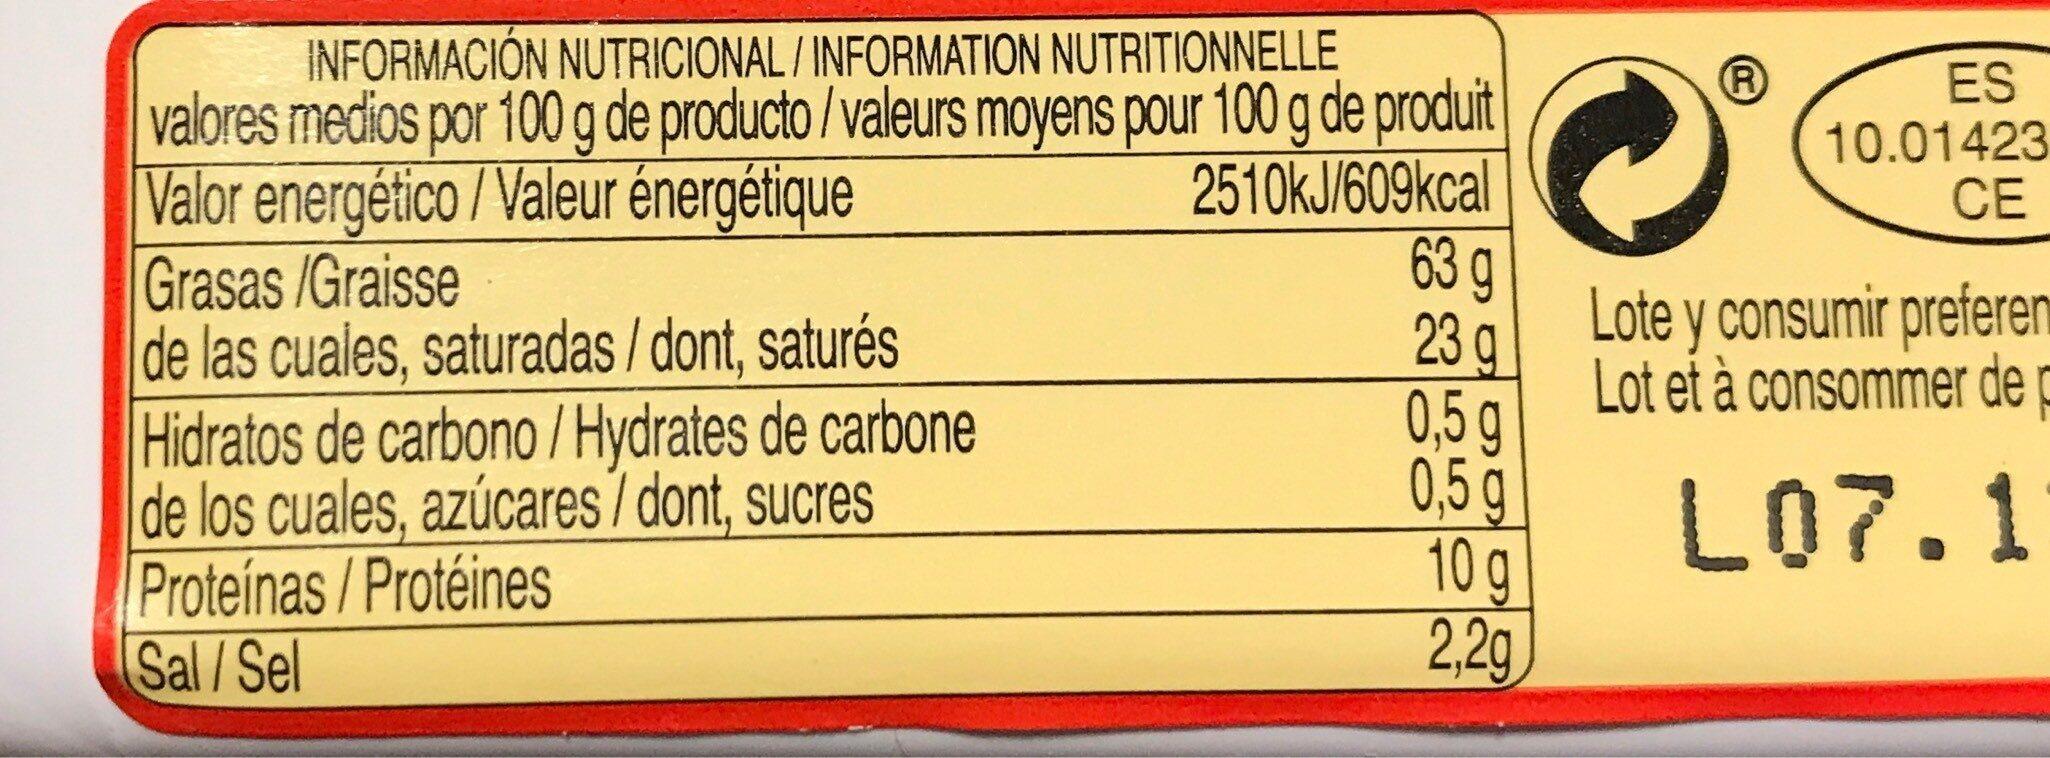 Sobrasada de Mallorca - Nutrition facts - fr